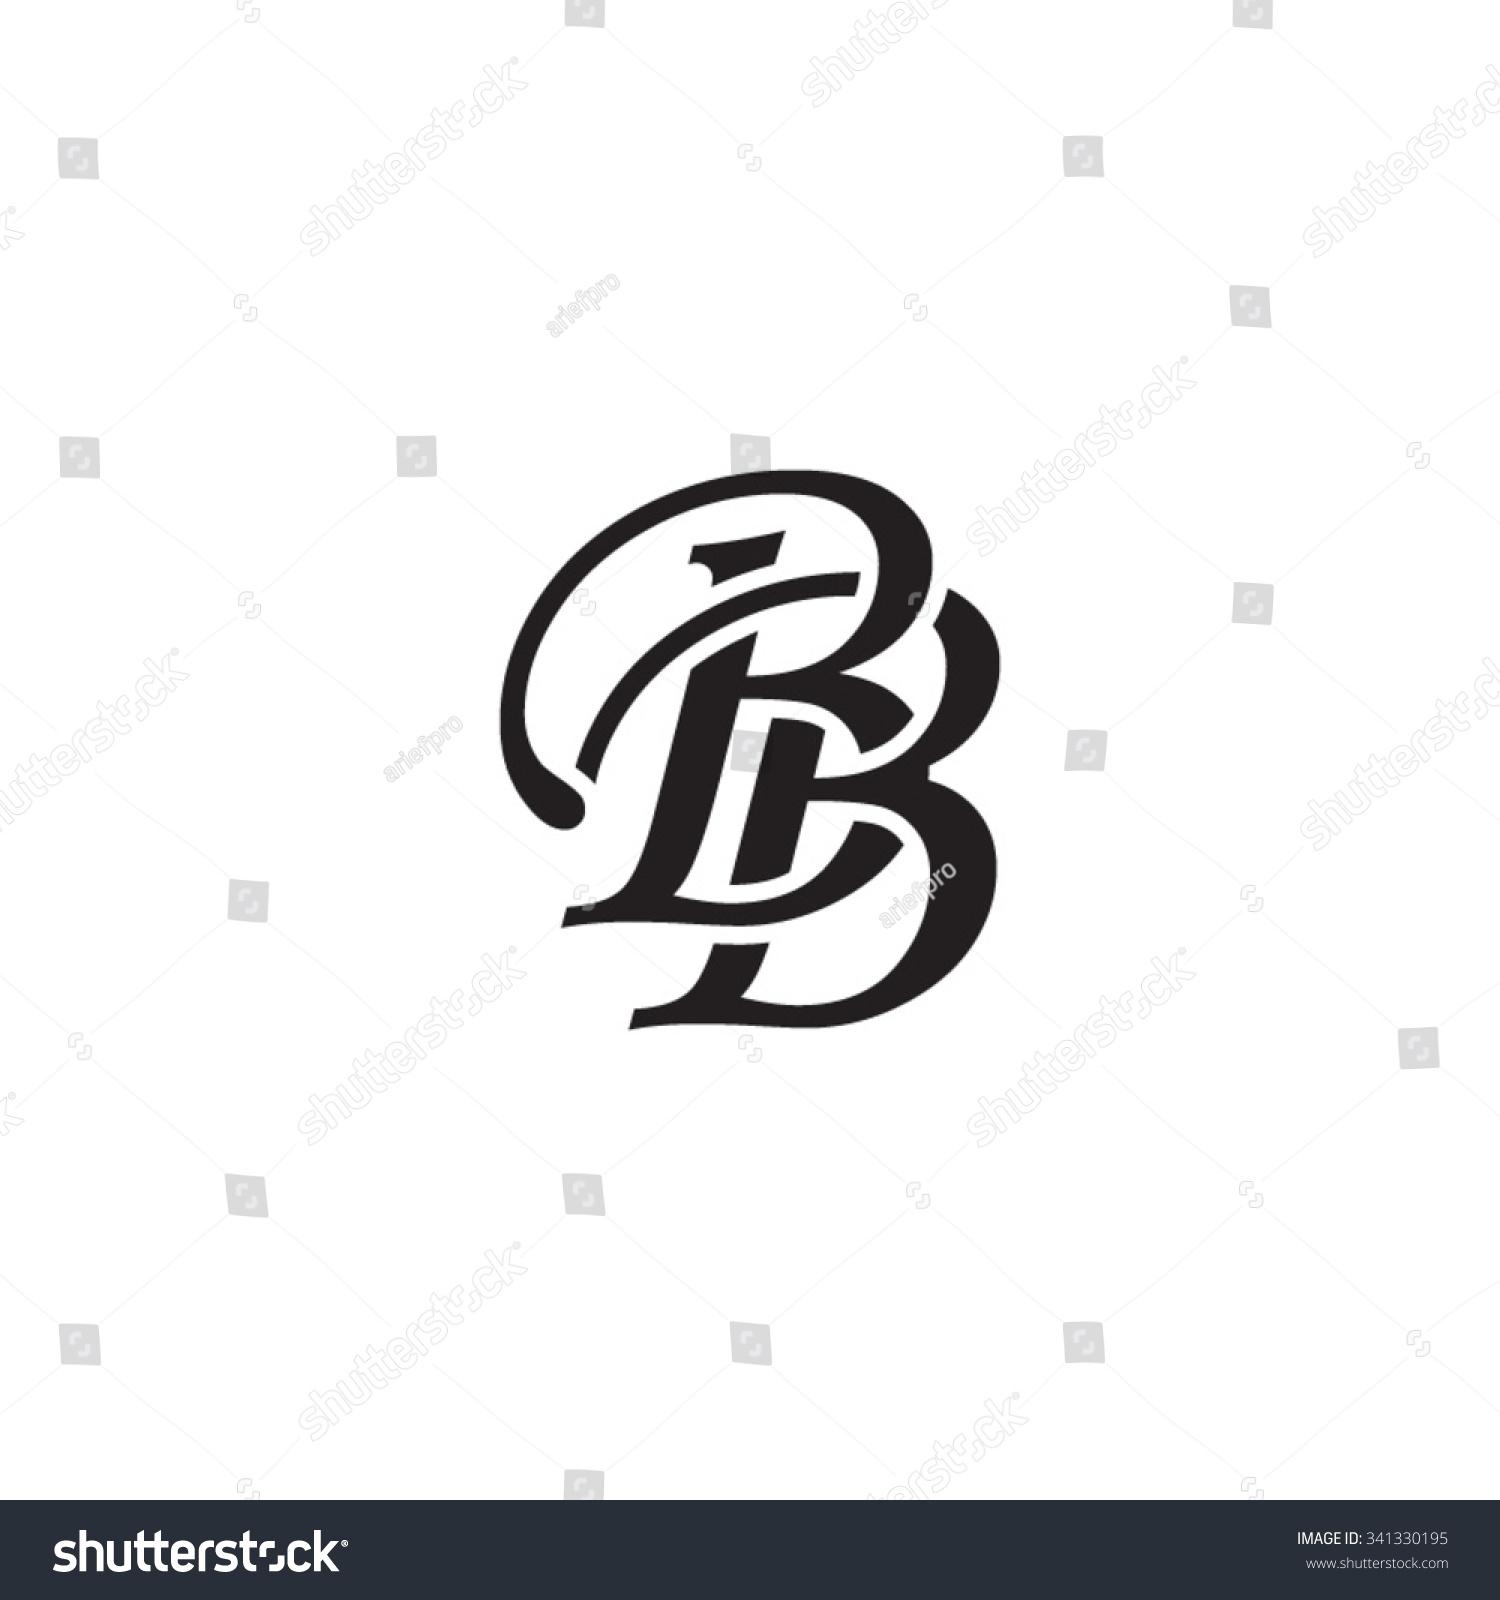 Bb initial monogram logo stock vector illustration for Bb logo